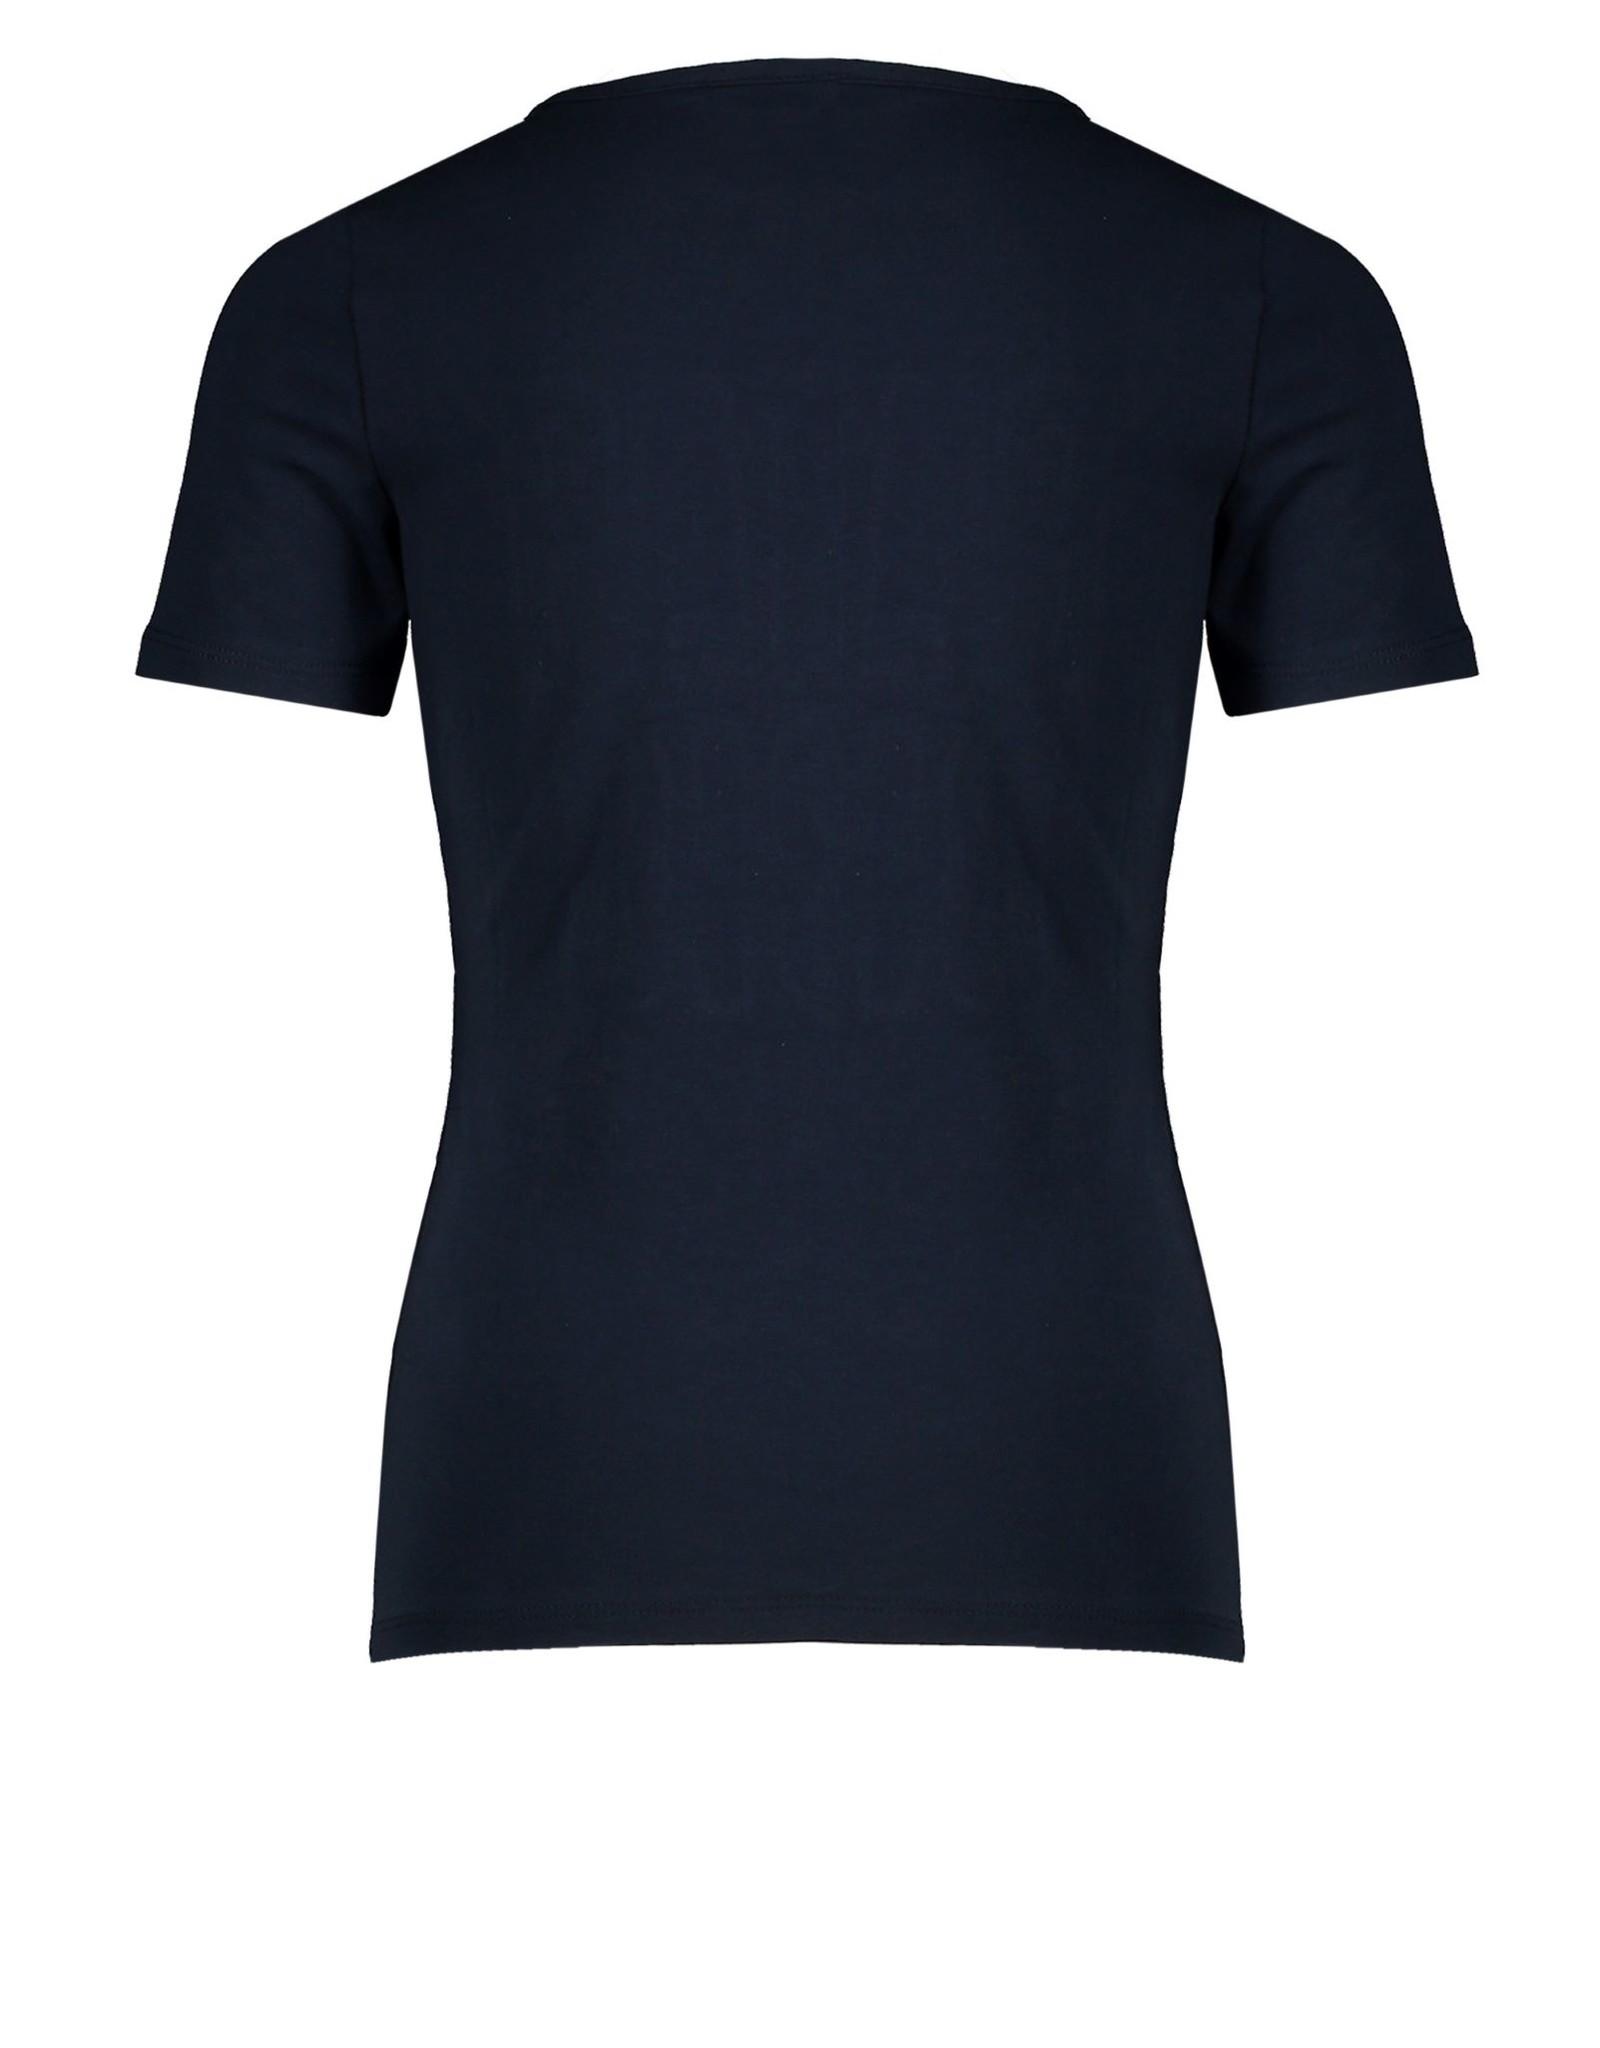 NONO NONO shirt 5401 navy blazer